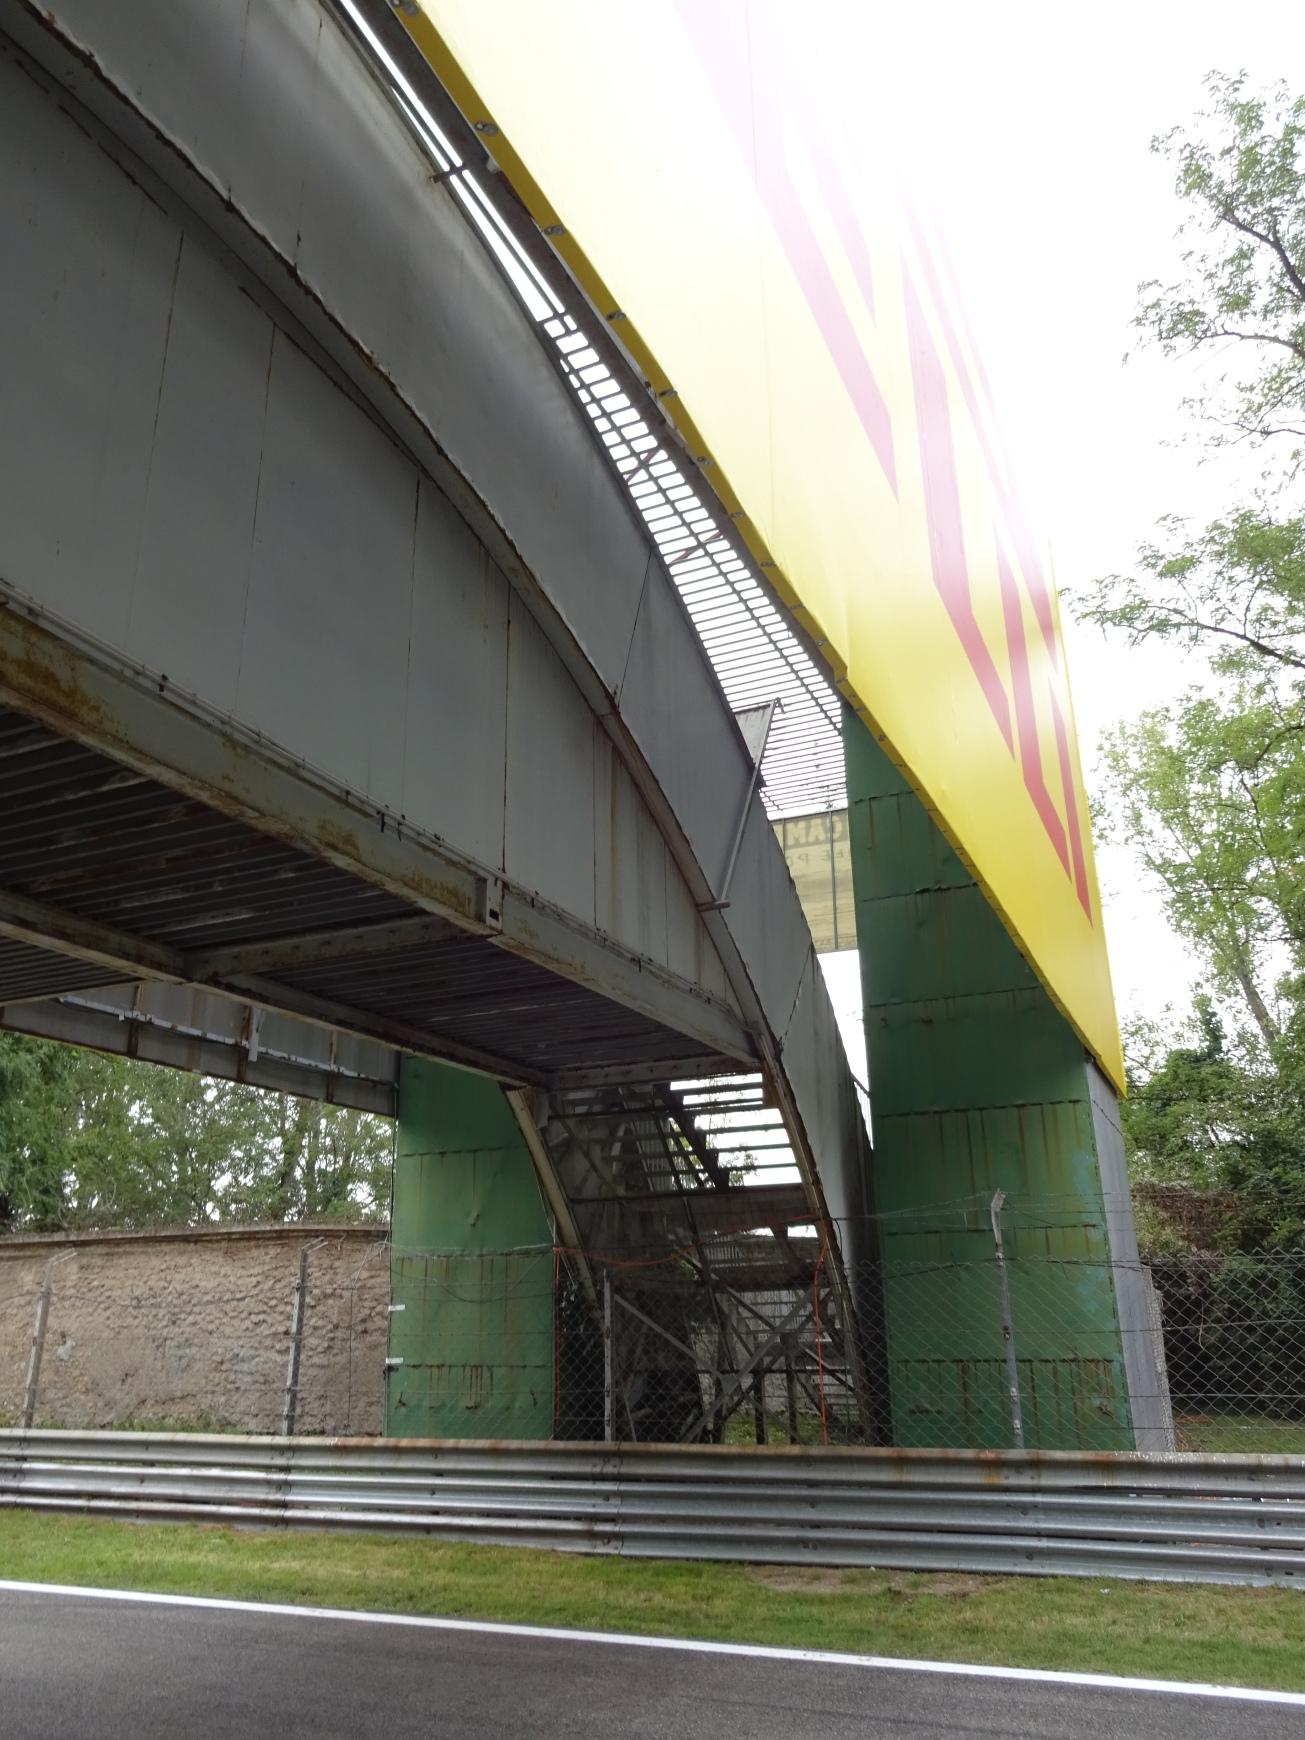 monza-campari-bridge-2